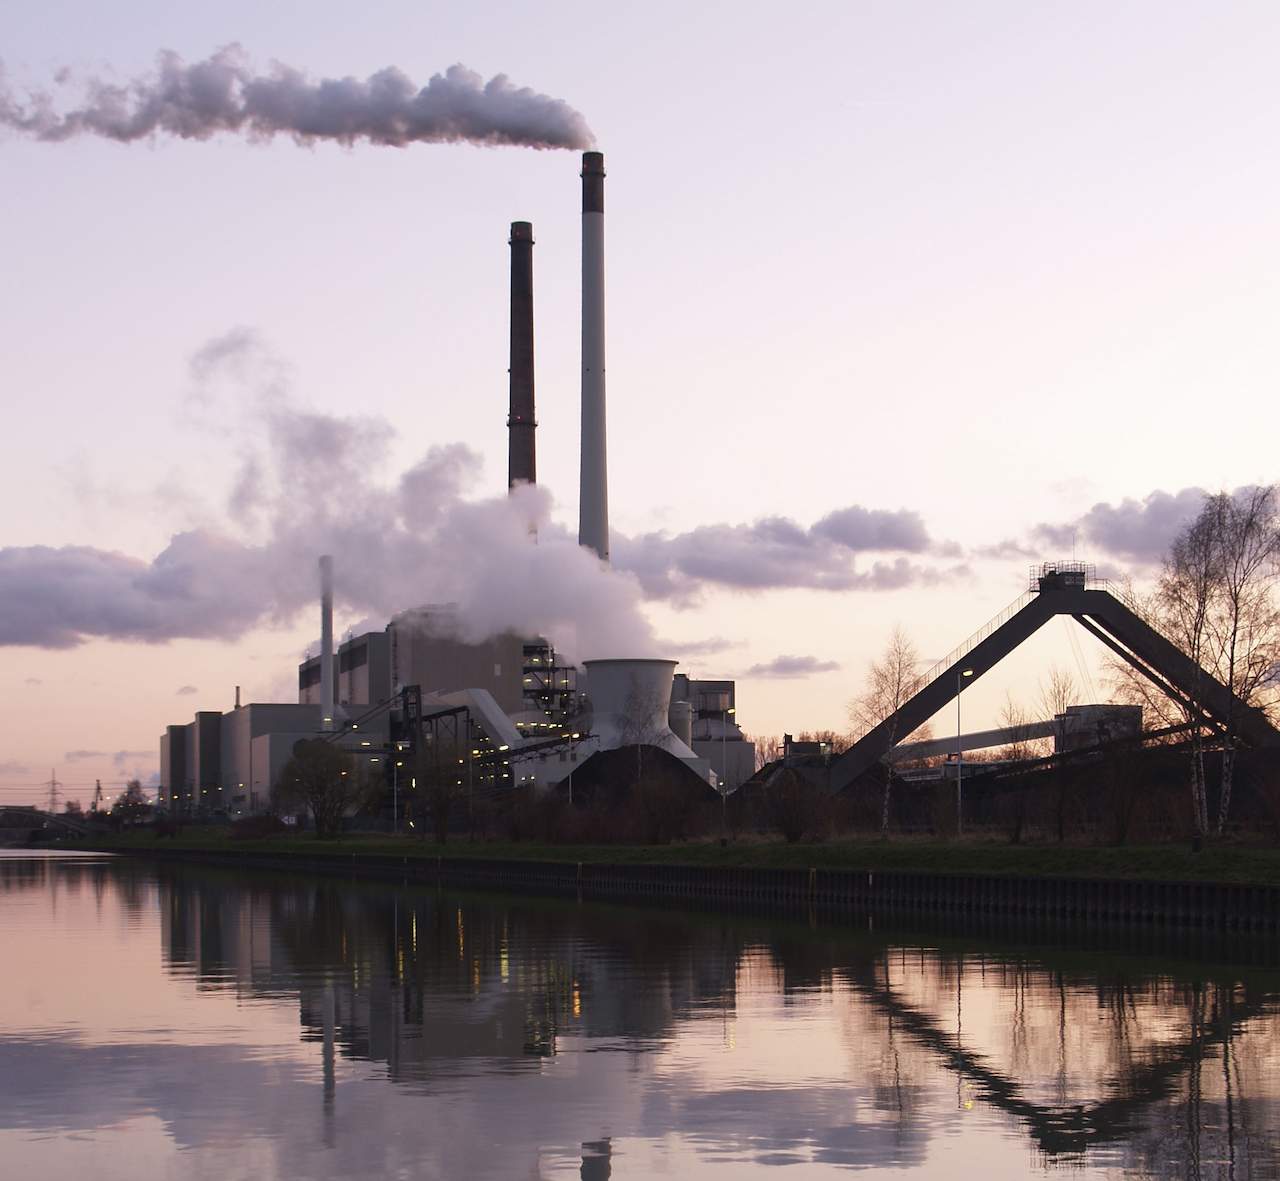 科學期刊公佈工業大國減碳不力數據(圖/Arnold Paul/CC BY-SA 3.0)